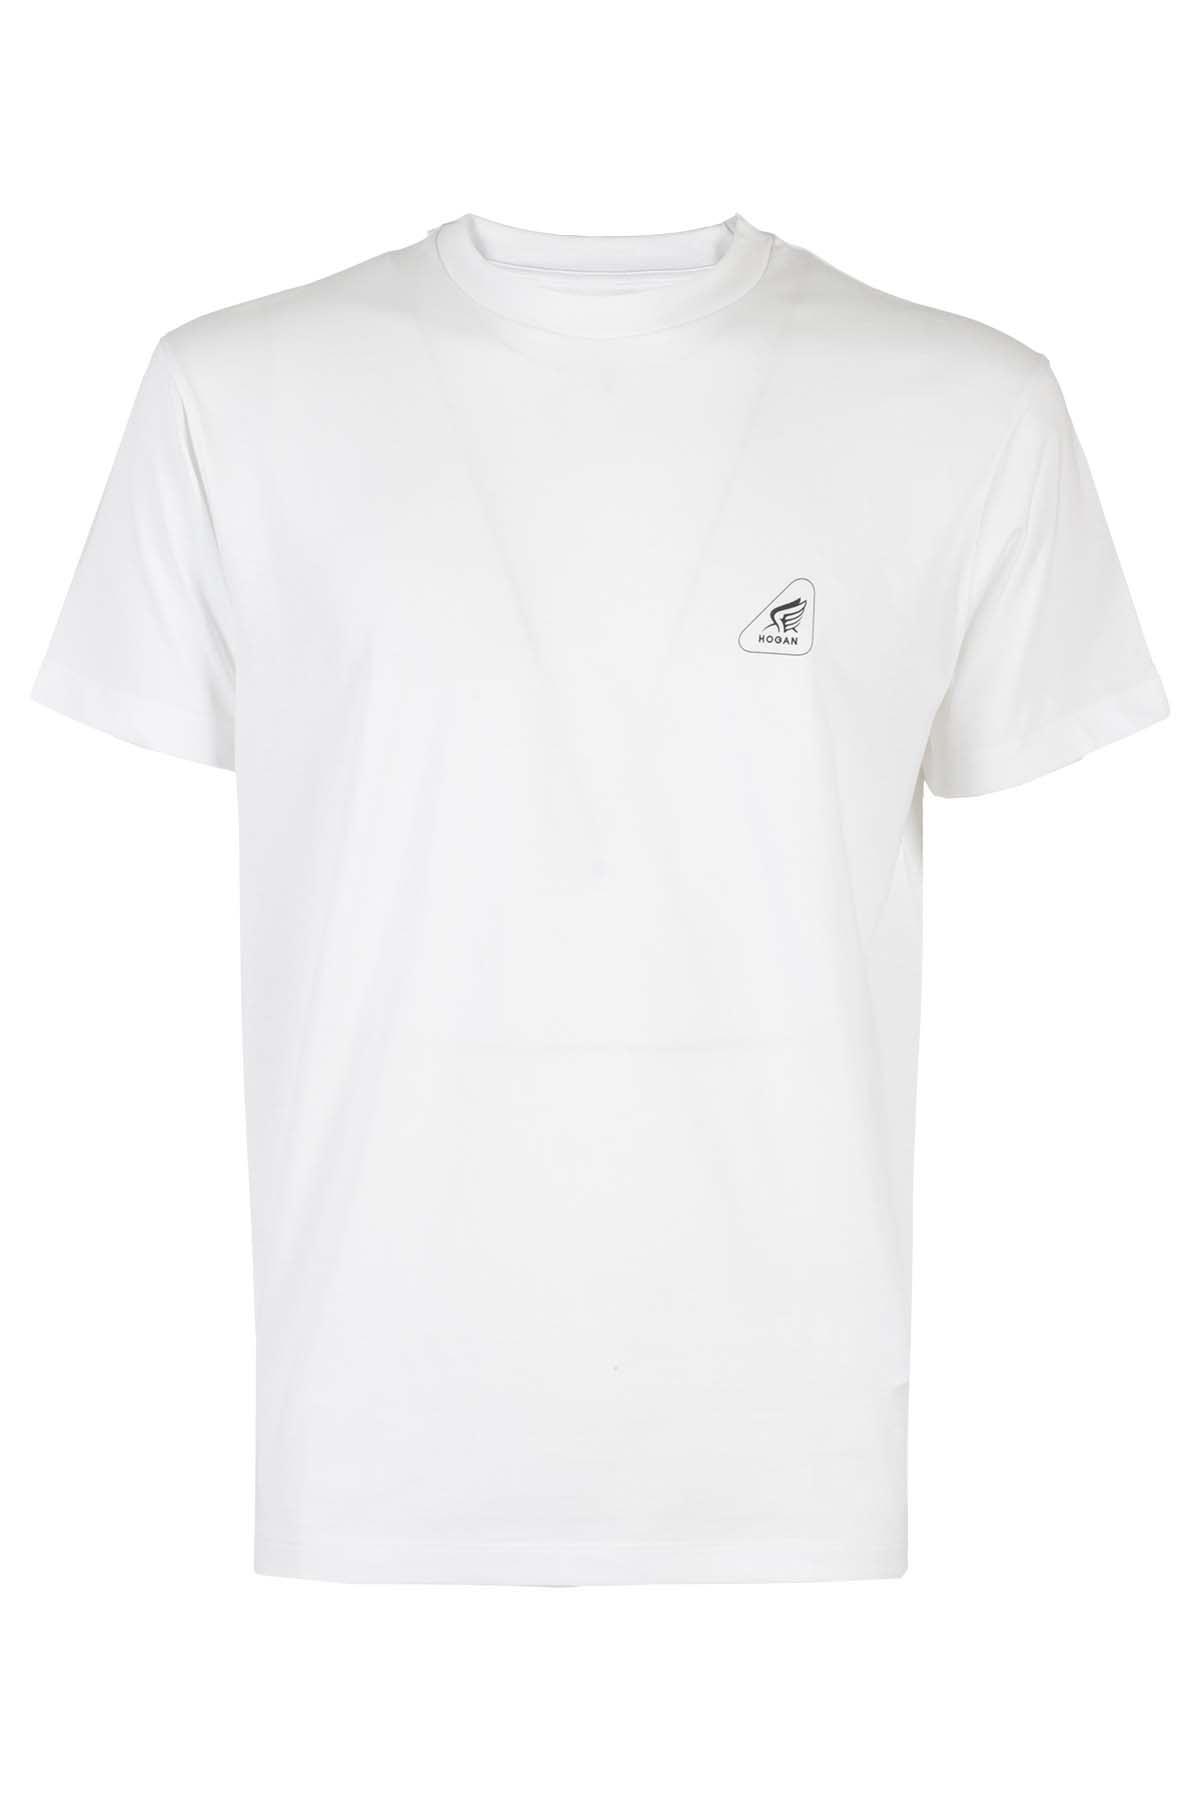 Hogan Shirts T-SHIRT